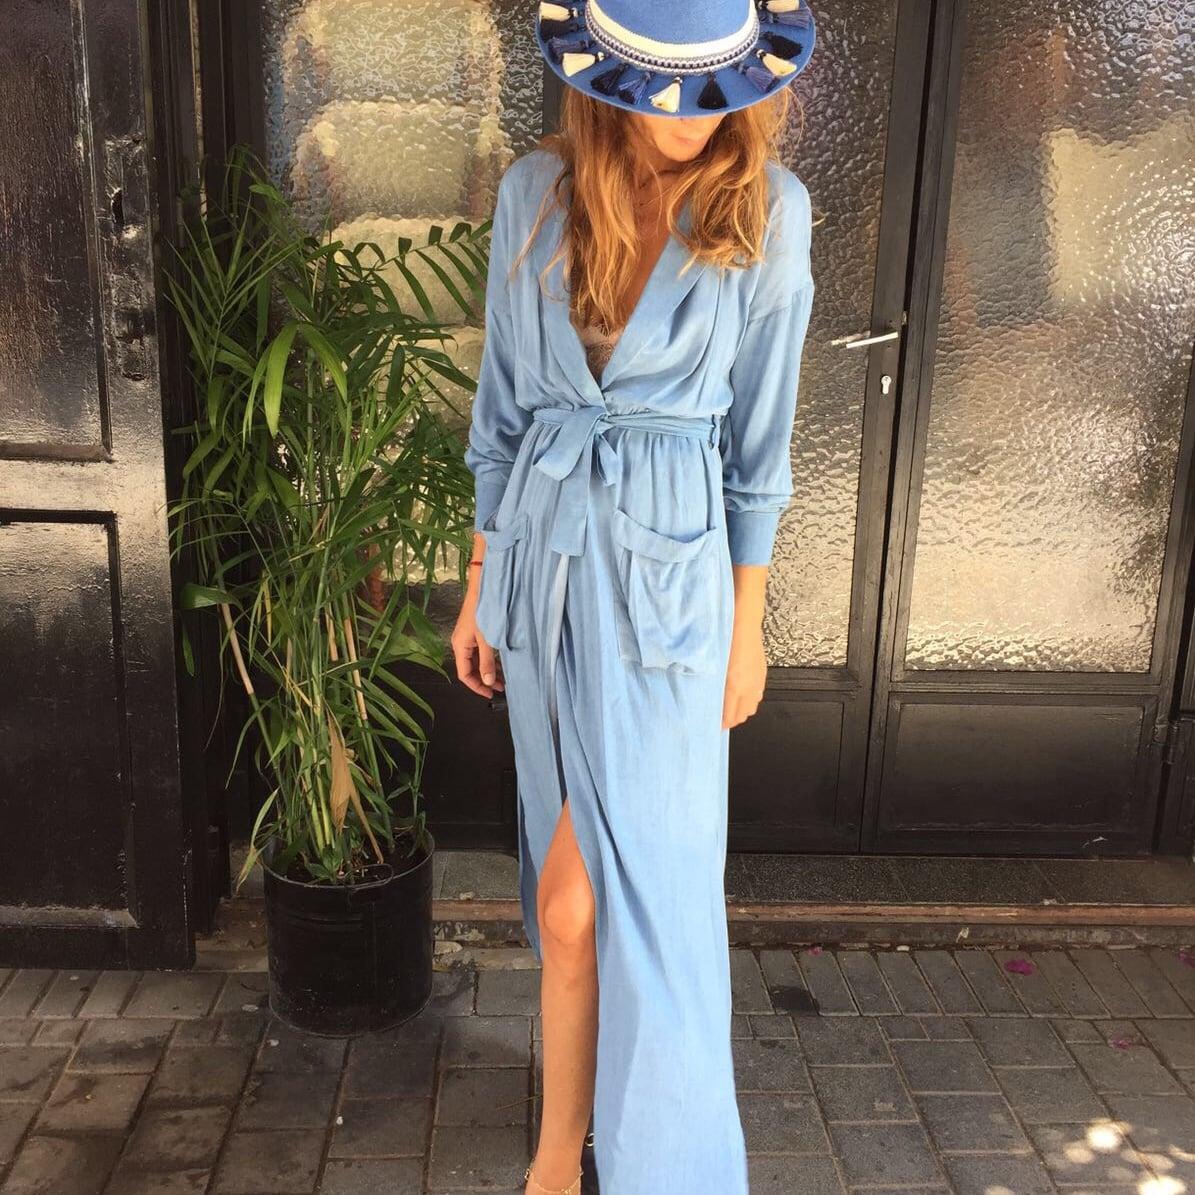 שמלת ננסי ג'ינס בהיר